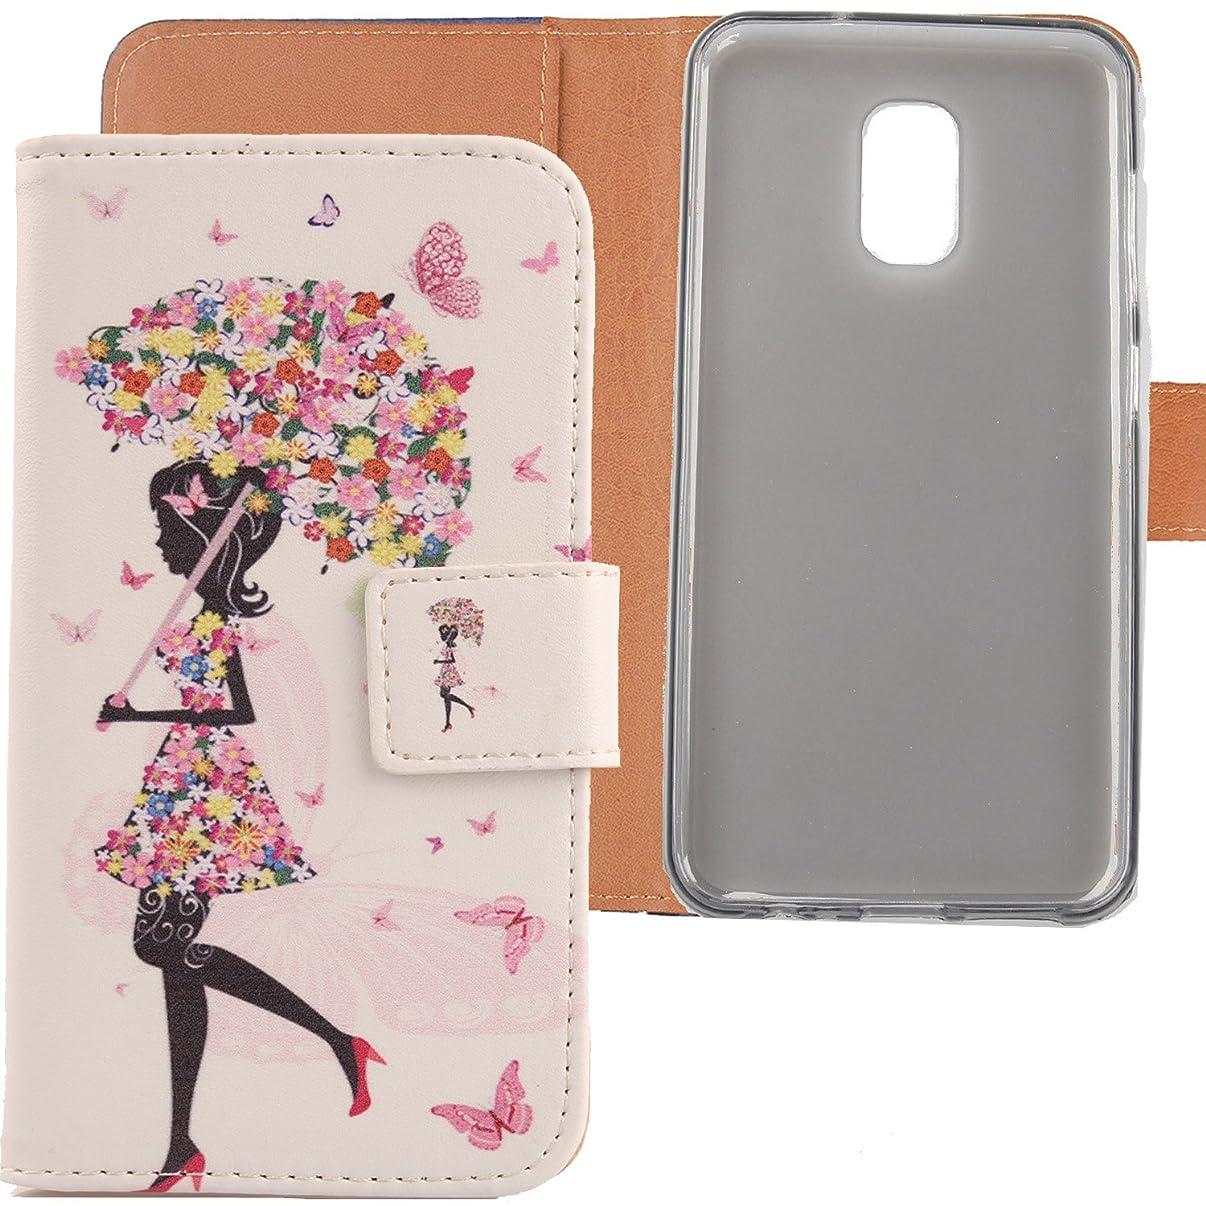 Lankashi Pattern Wallet Design Flip PU Leather Cover Skin Protection Case for Asus ZenFone V Live V500KL (Umbrella Girl)